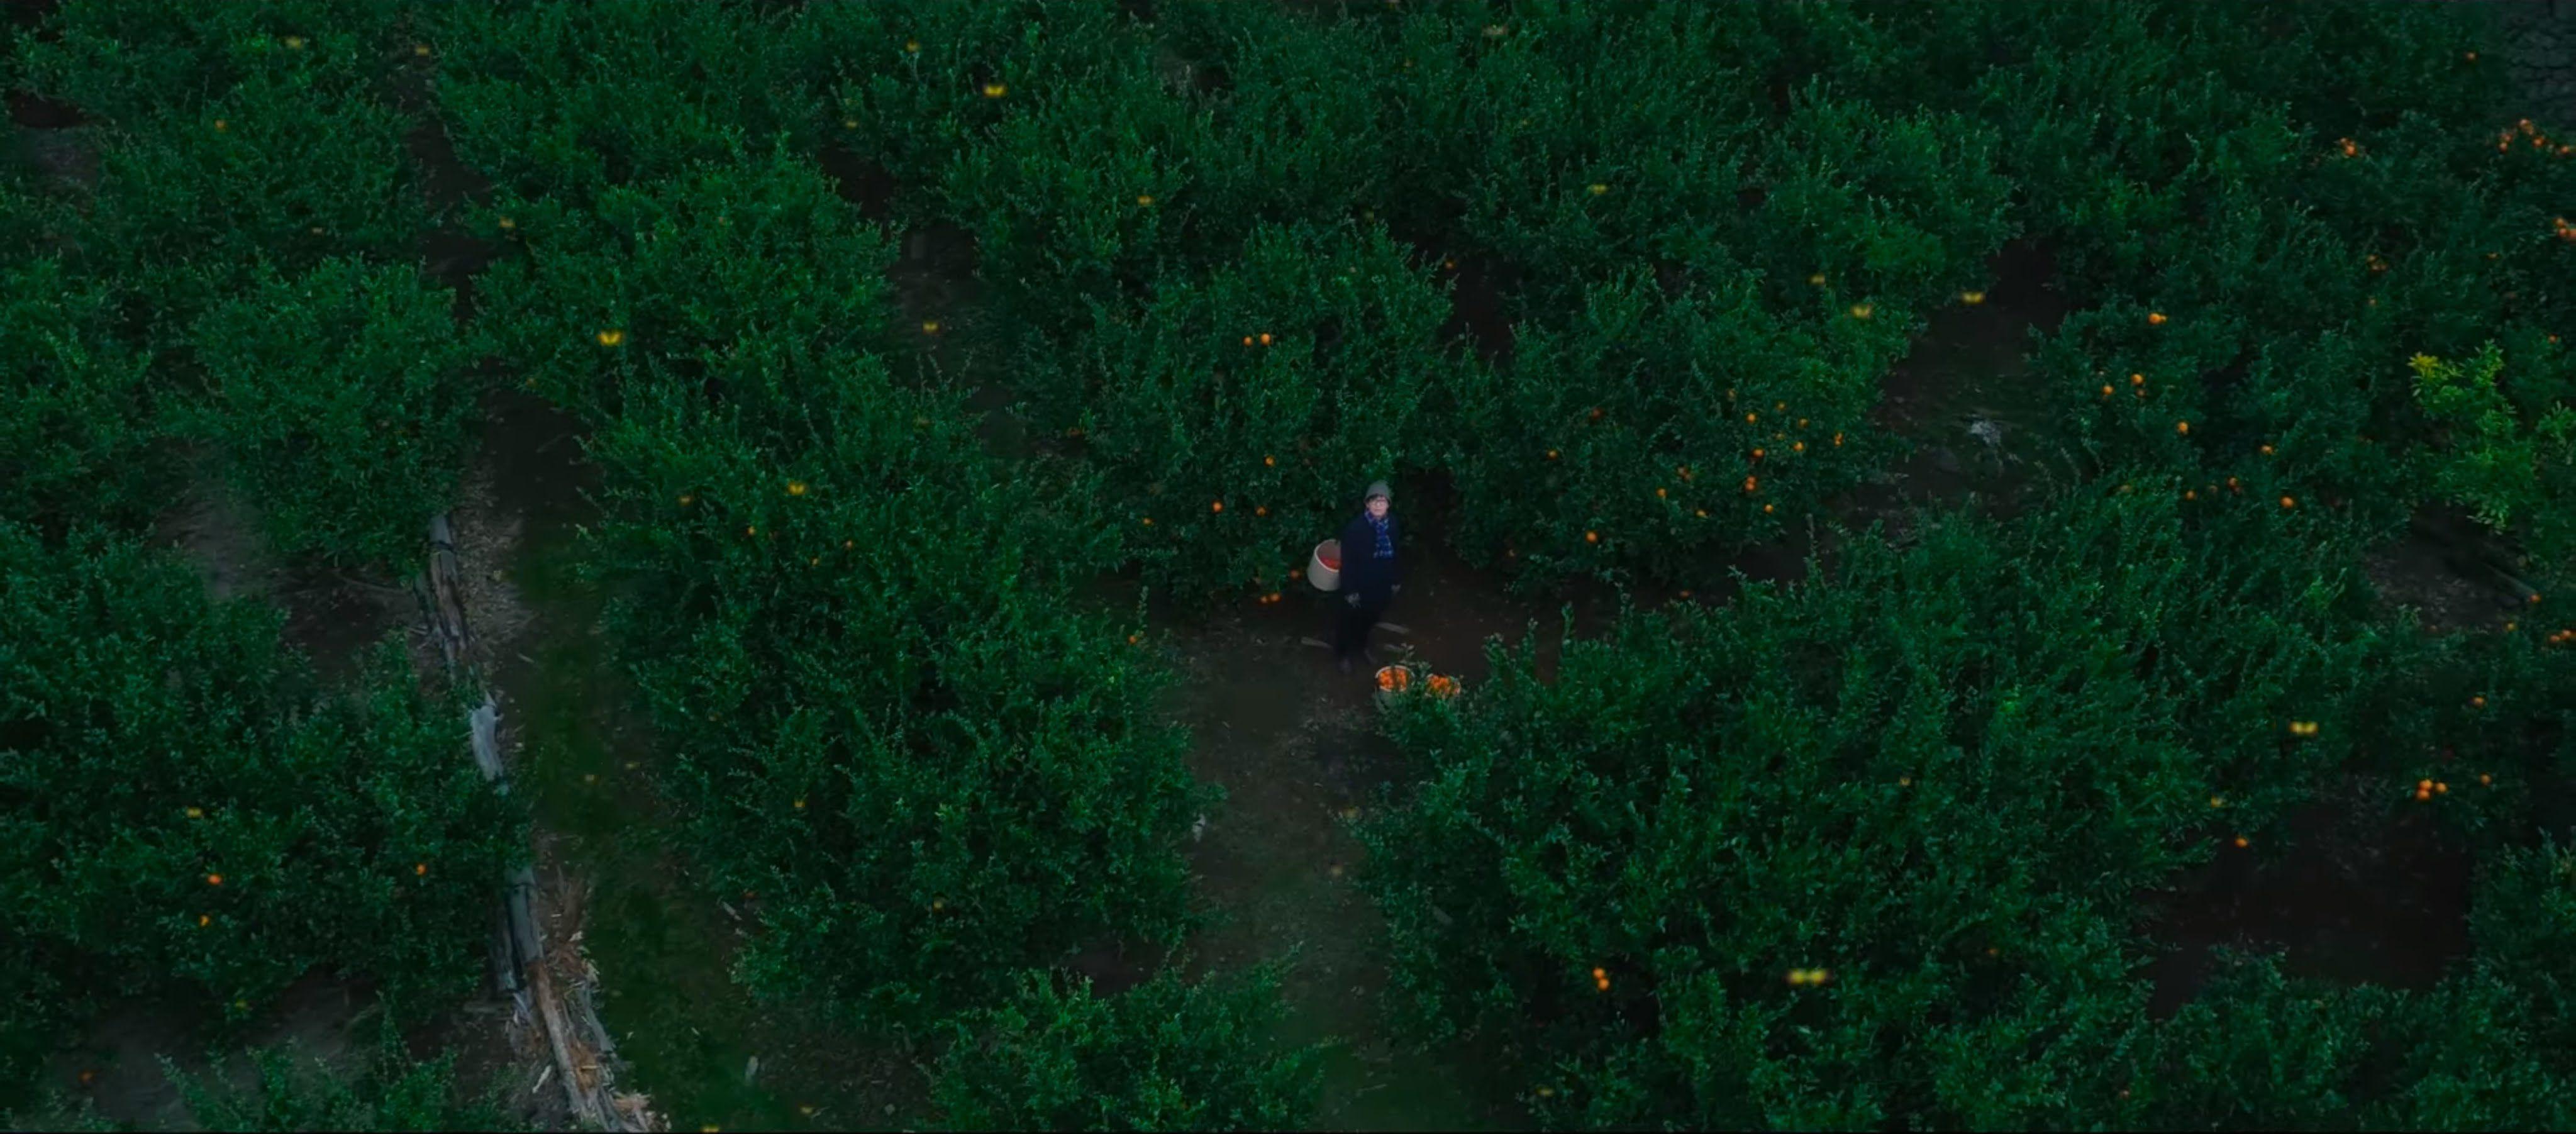 루시드폴(LUCID FALL) 정규 7집 타이틀곡 '아직, 있다.(Still There, Still Here)' OFFCIAL MV